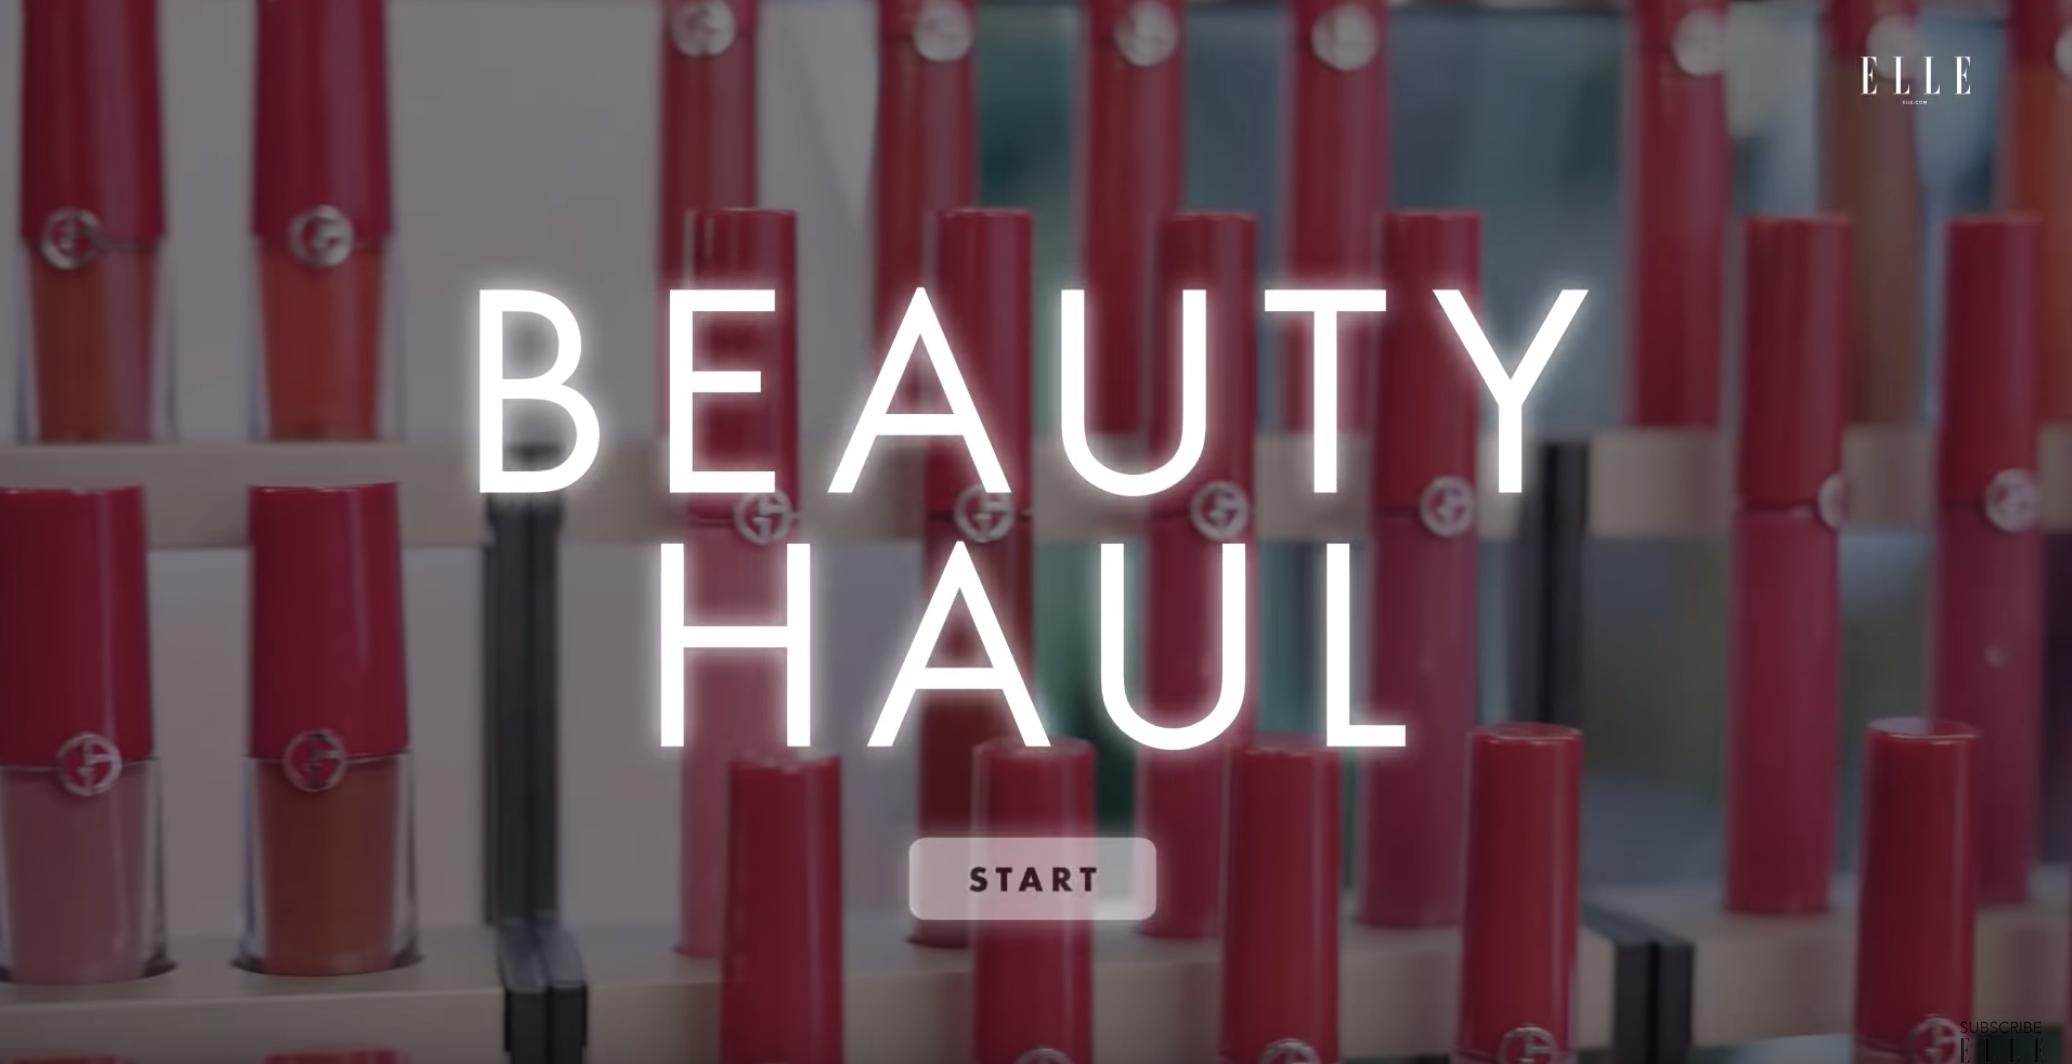 ELLE'S Beauty Haul